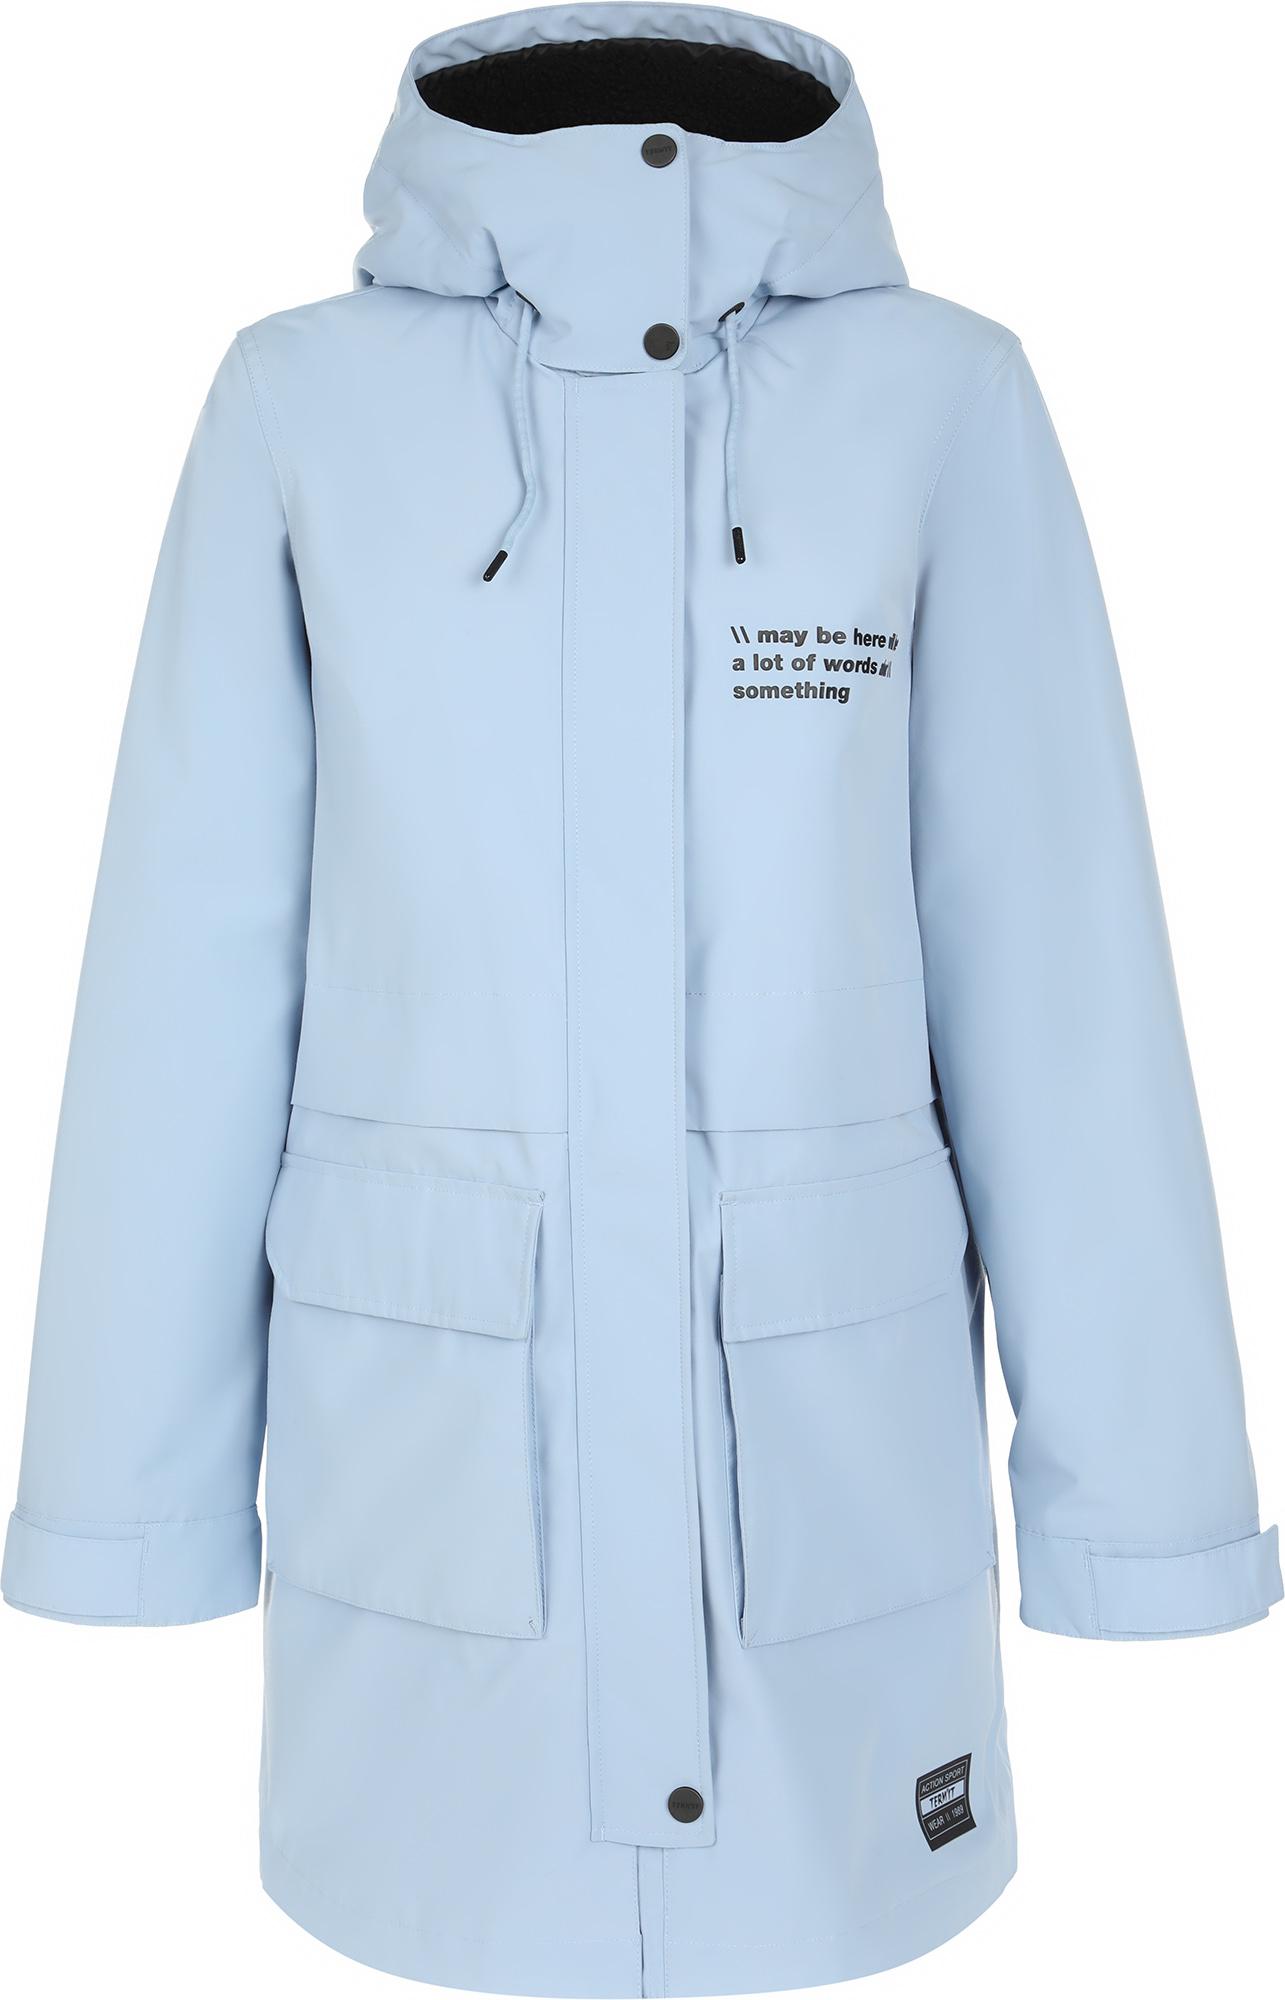 Termit Куртка утепленная женская Termit, размер 44 куртка женская elfina цвет черный 88057 100 размер 44